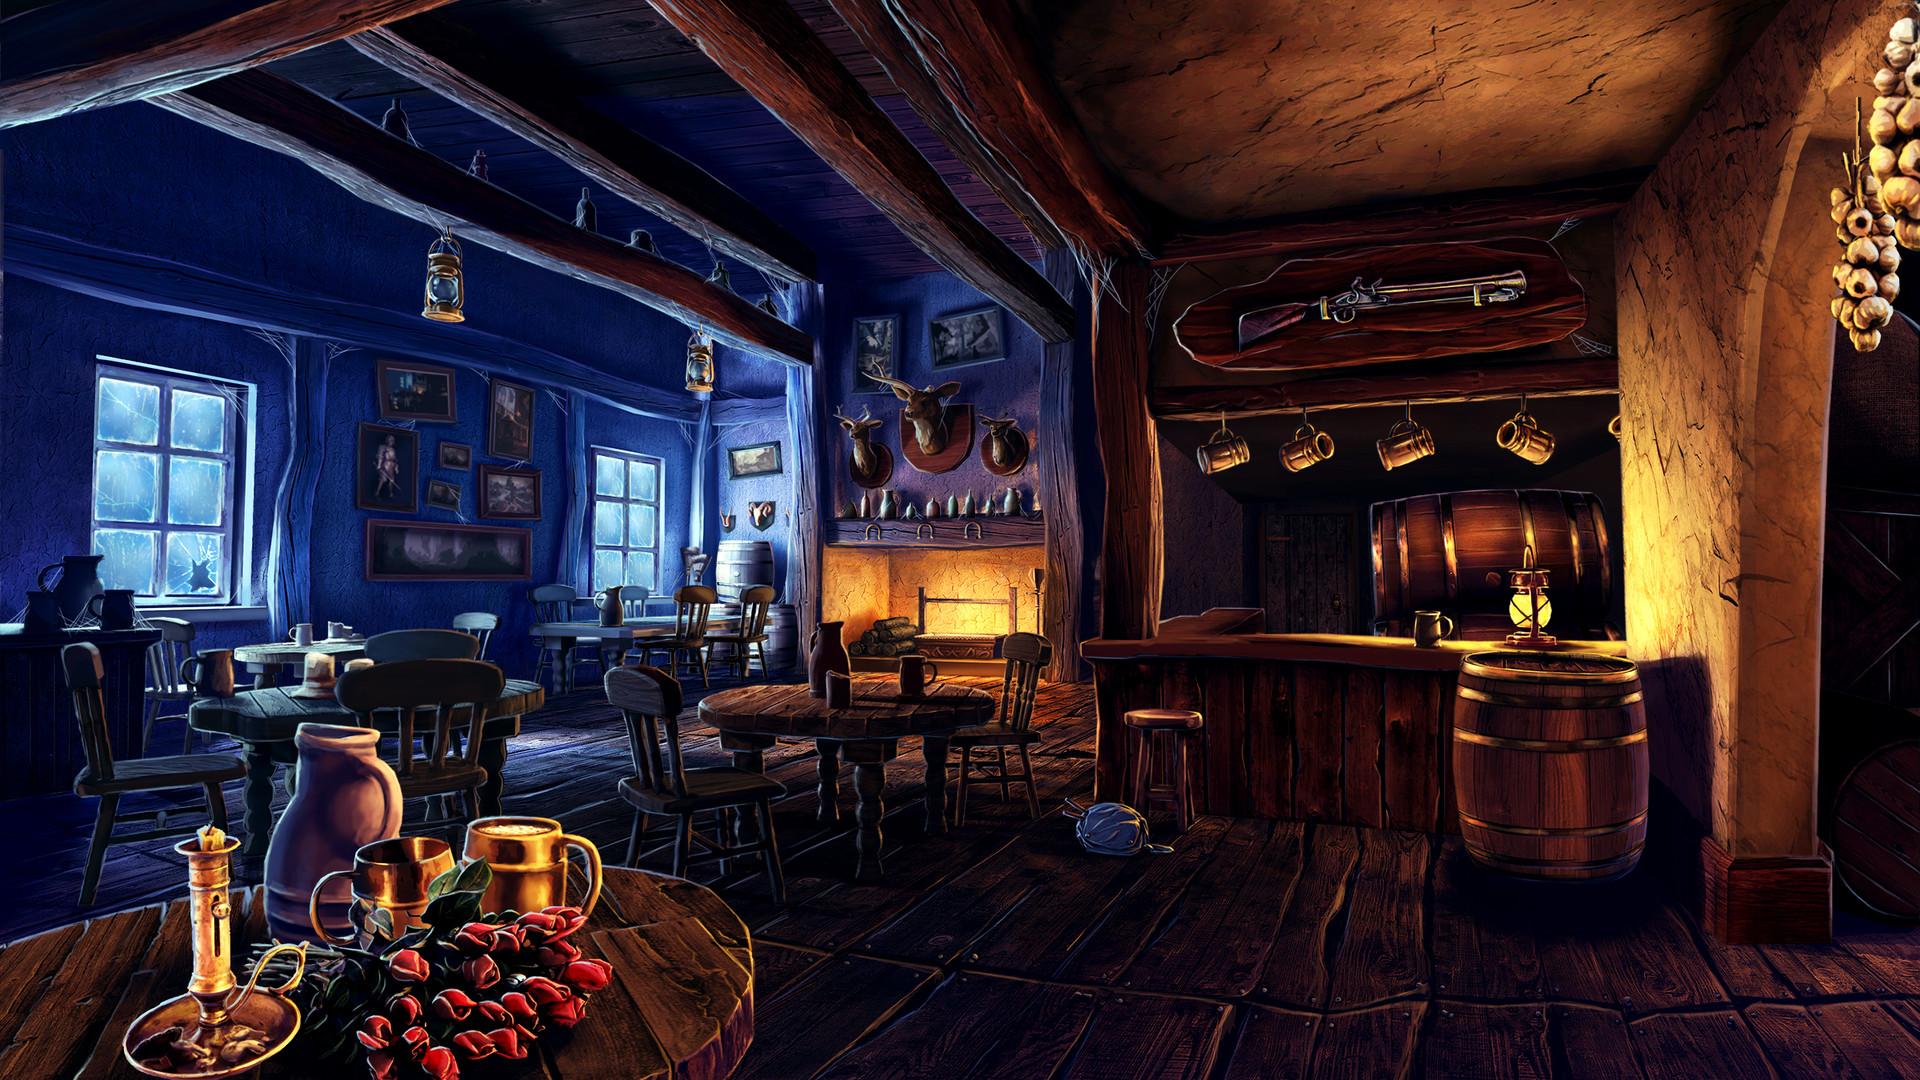 Rob smyth tavern